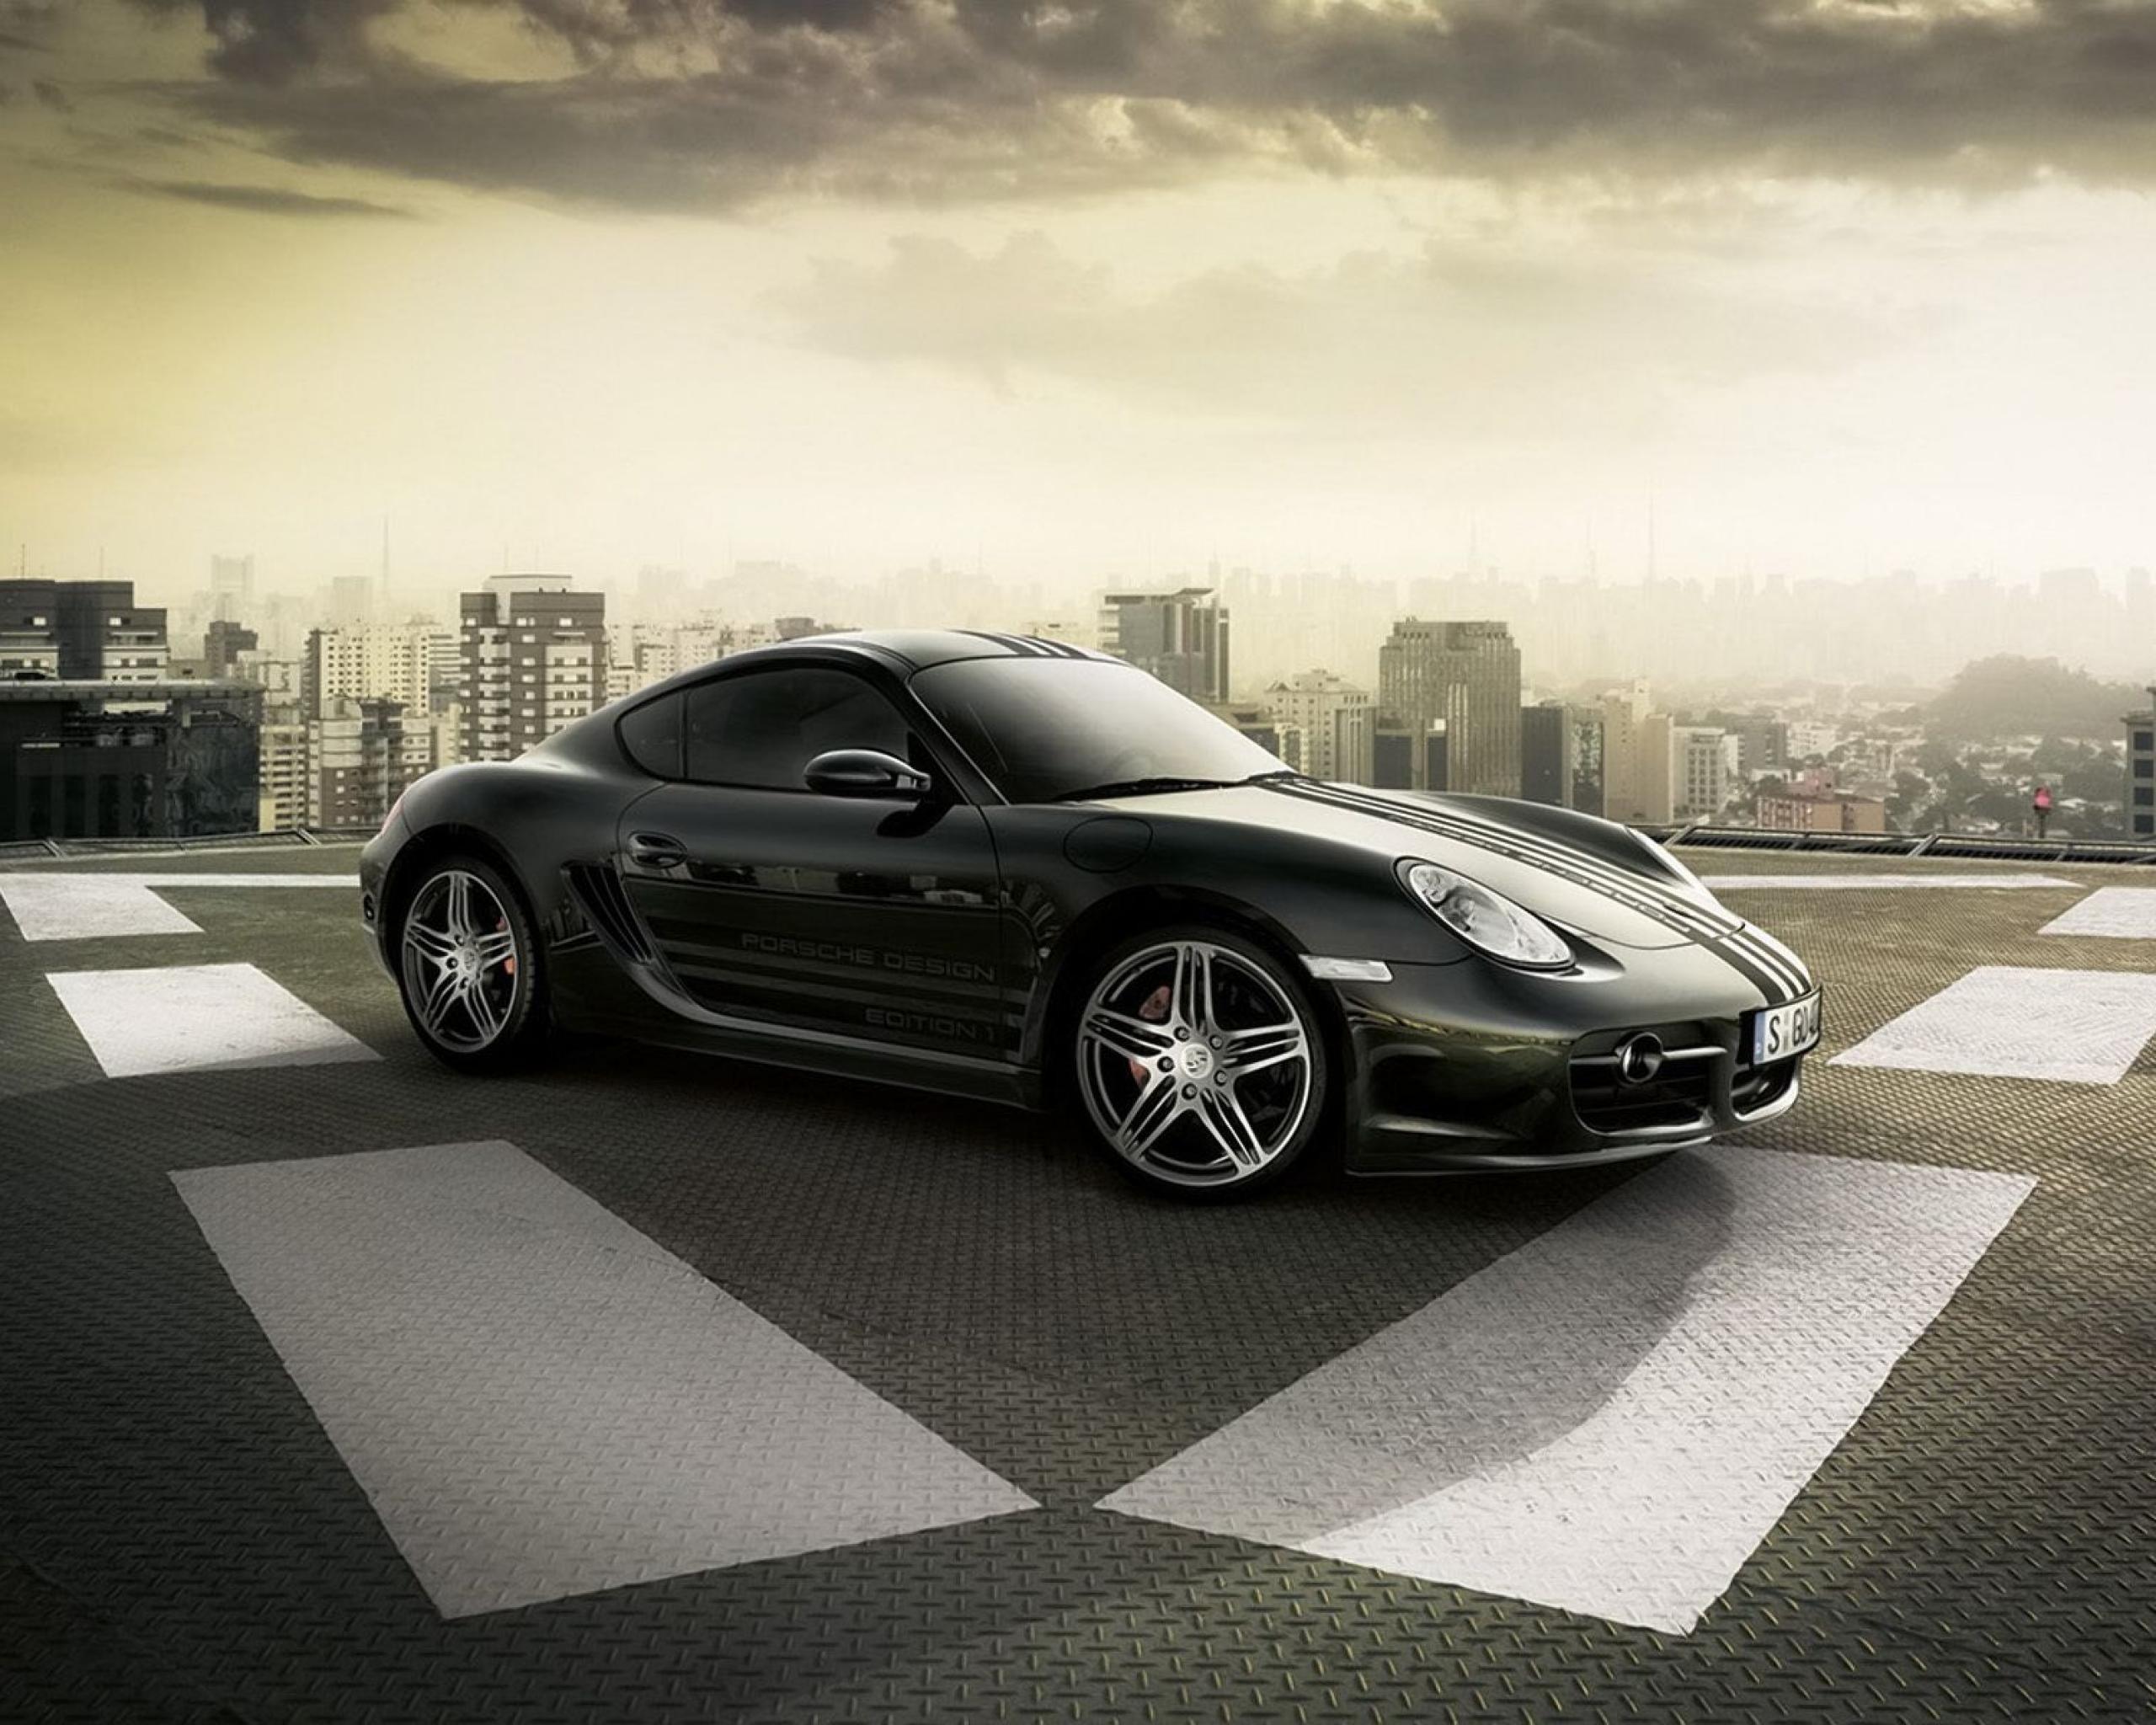 102682 скачать обои Тачки (Cars), Порш (Porsche), Carrera, Gt, Машины - заставки и картинки бесплатно